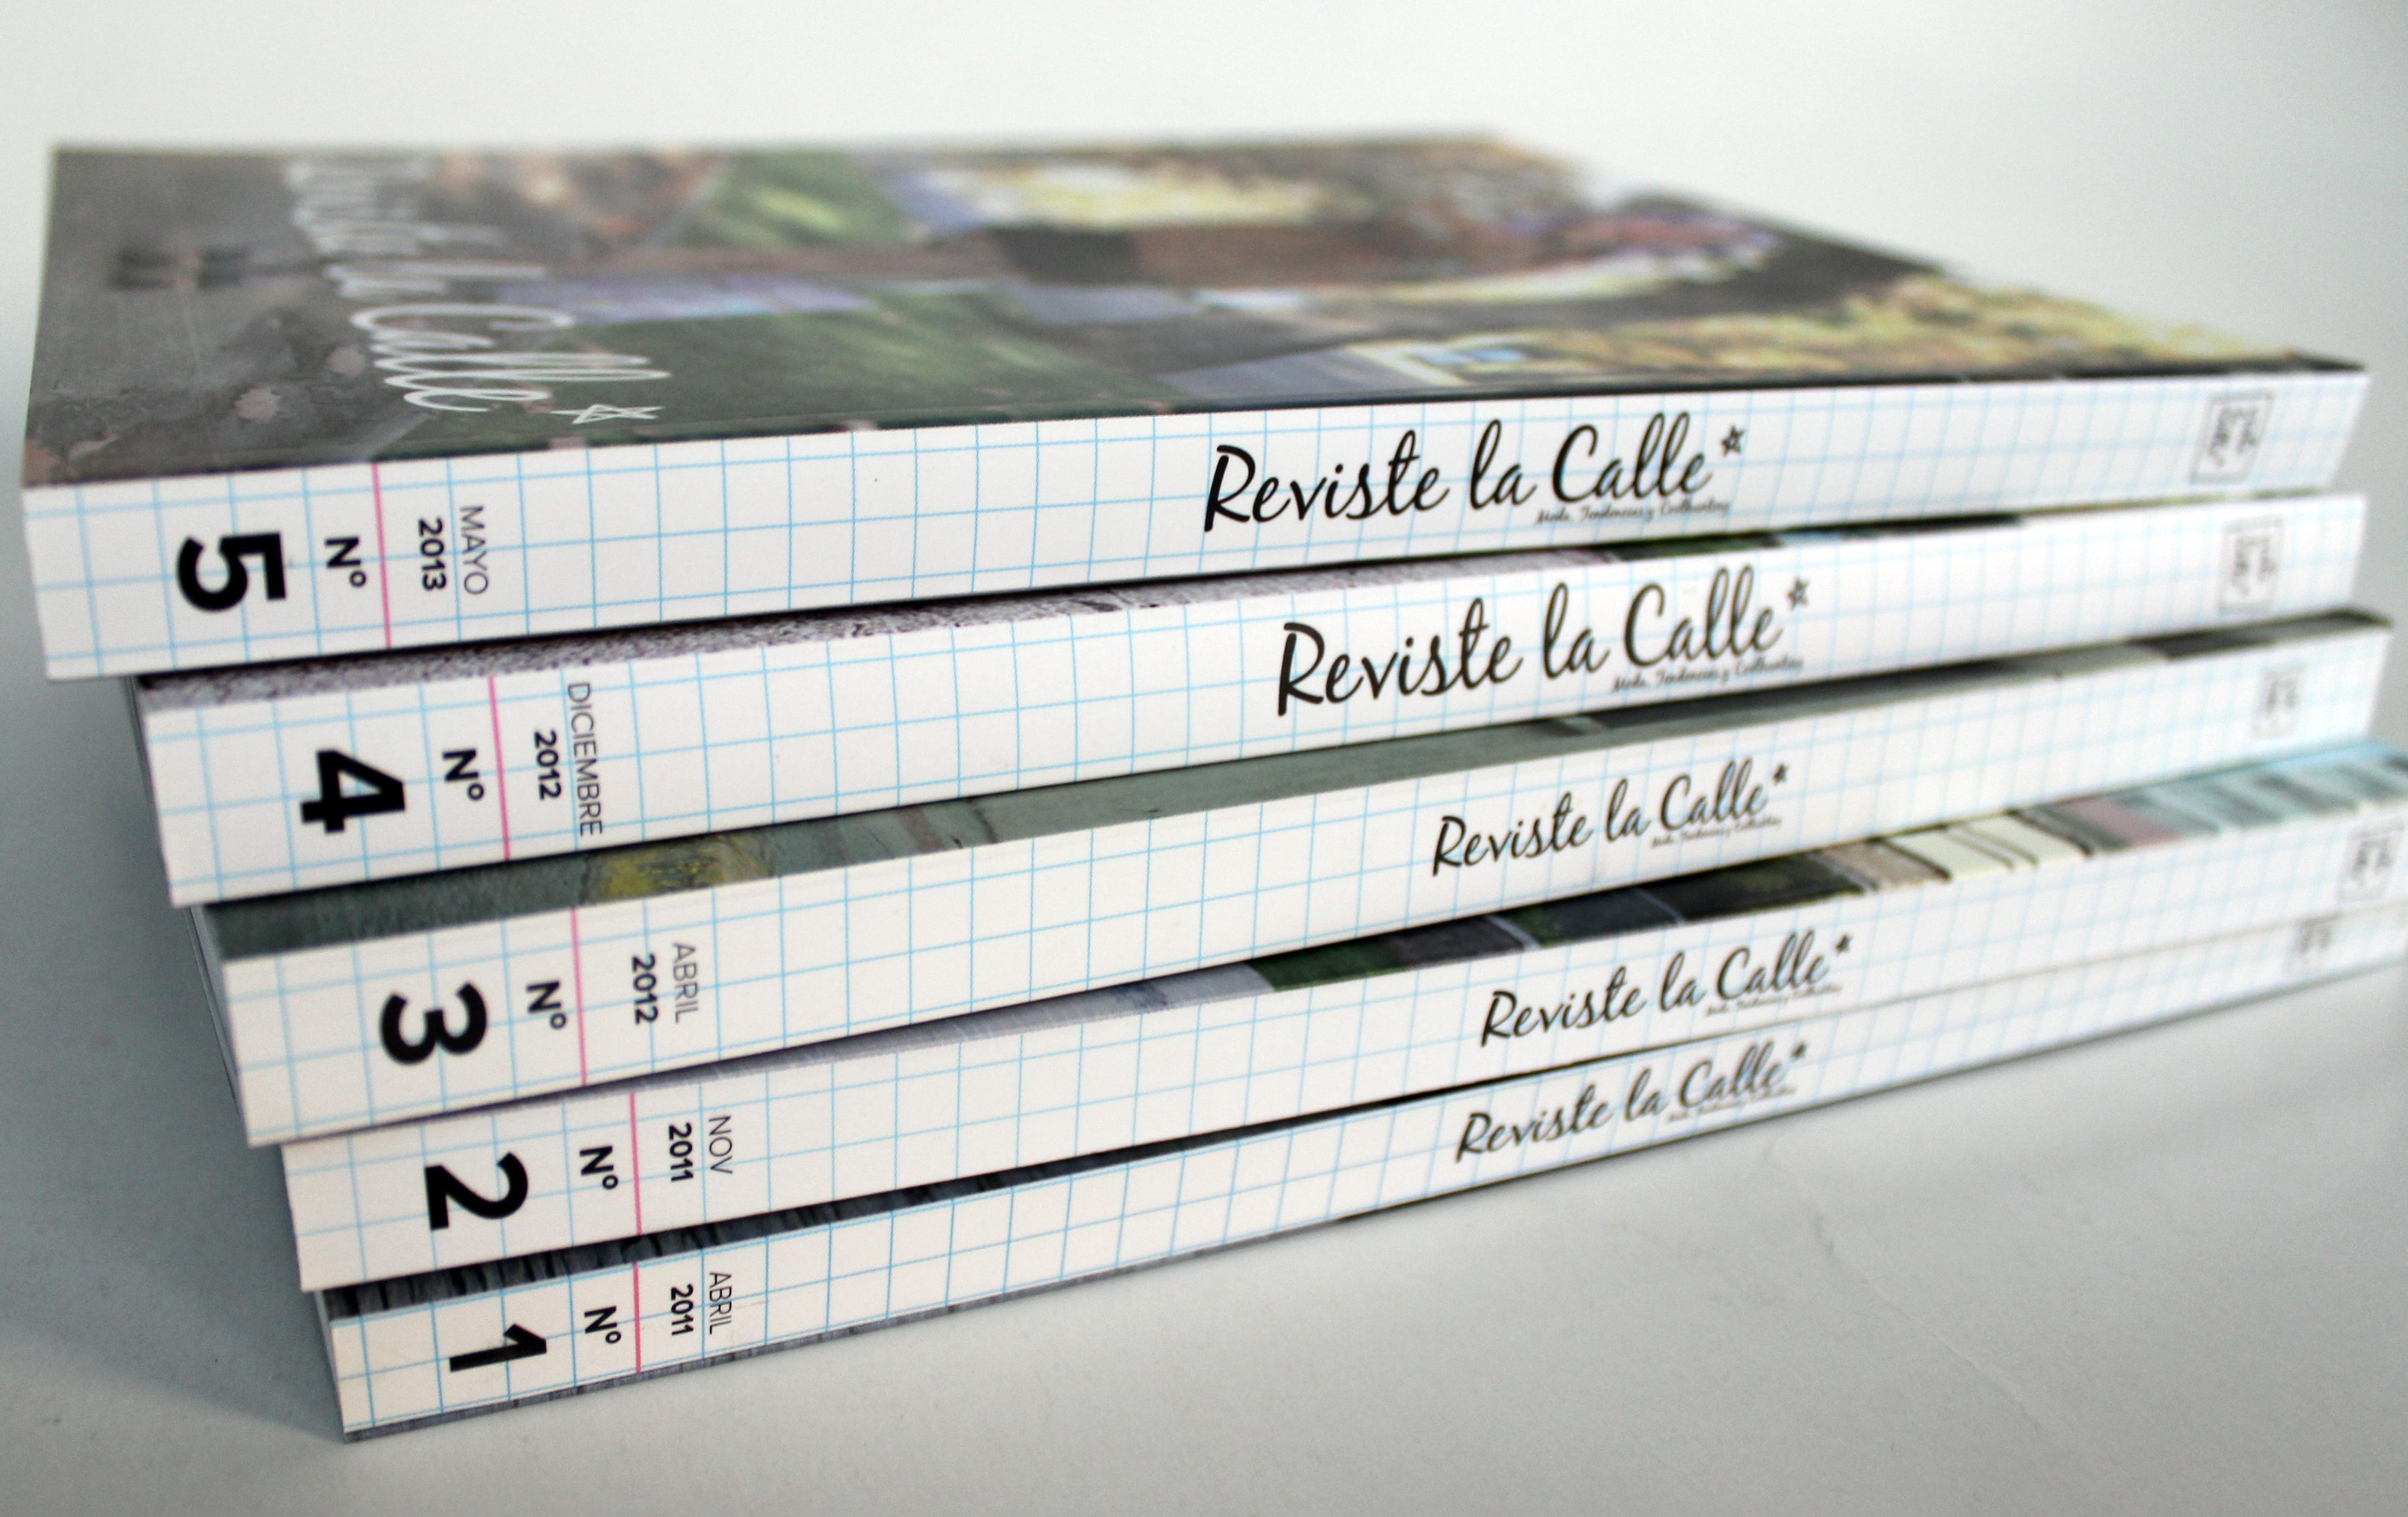 ¡Consigue tu colección completa de RevisteLaCalle!